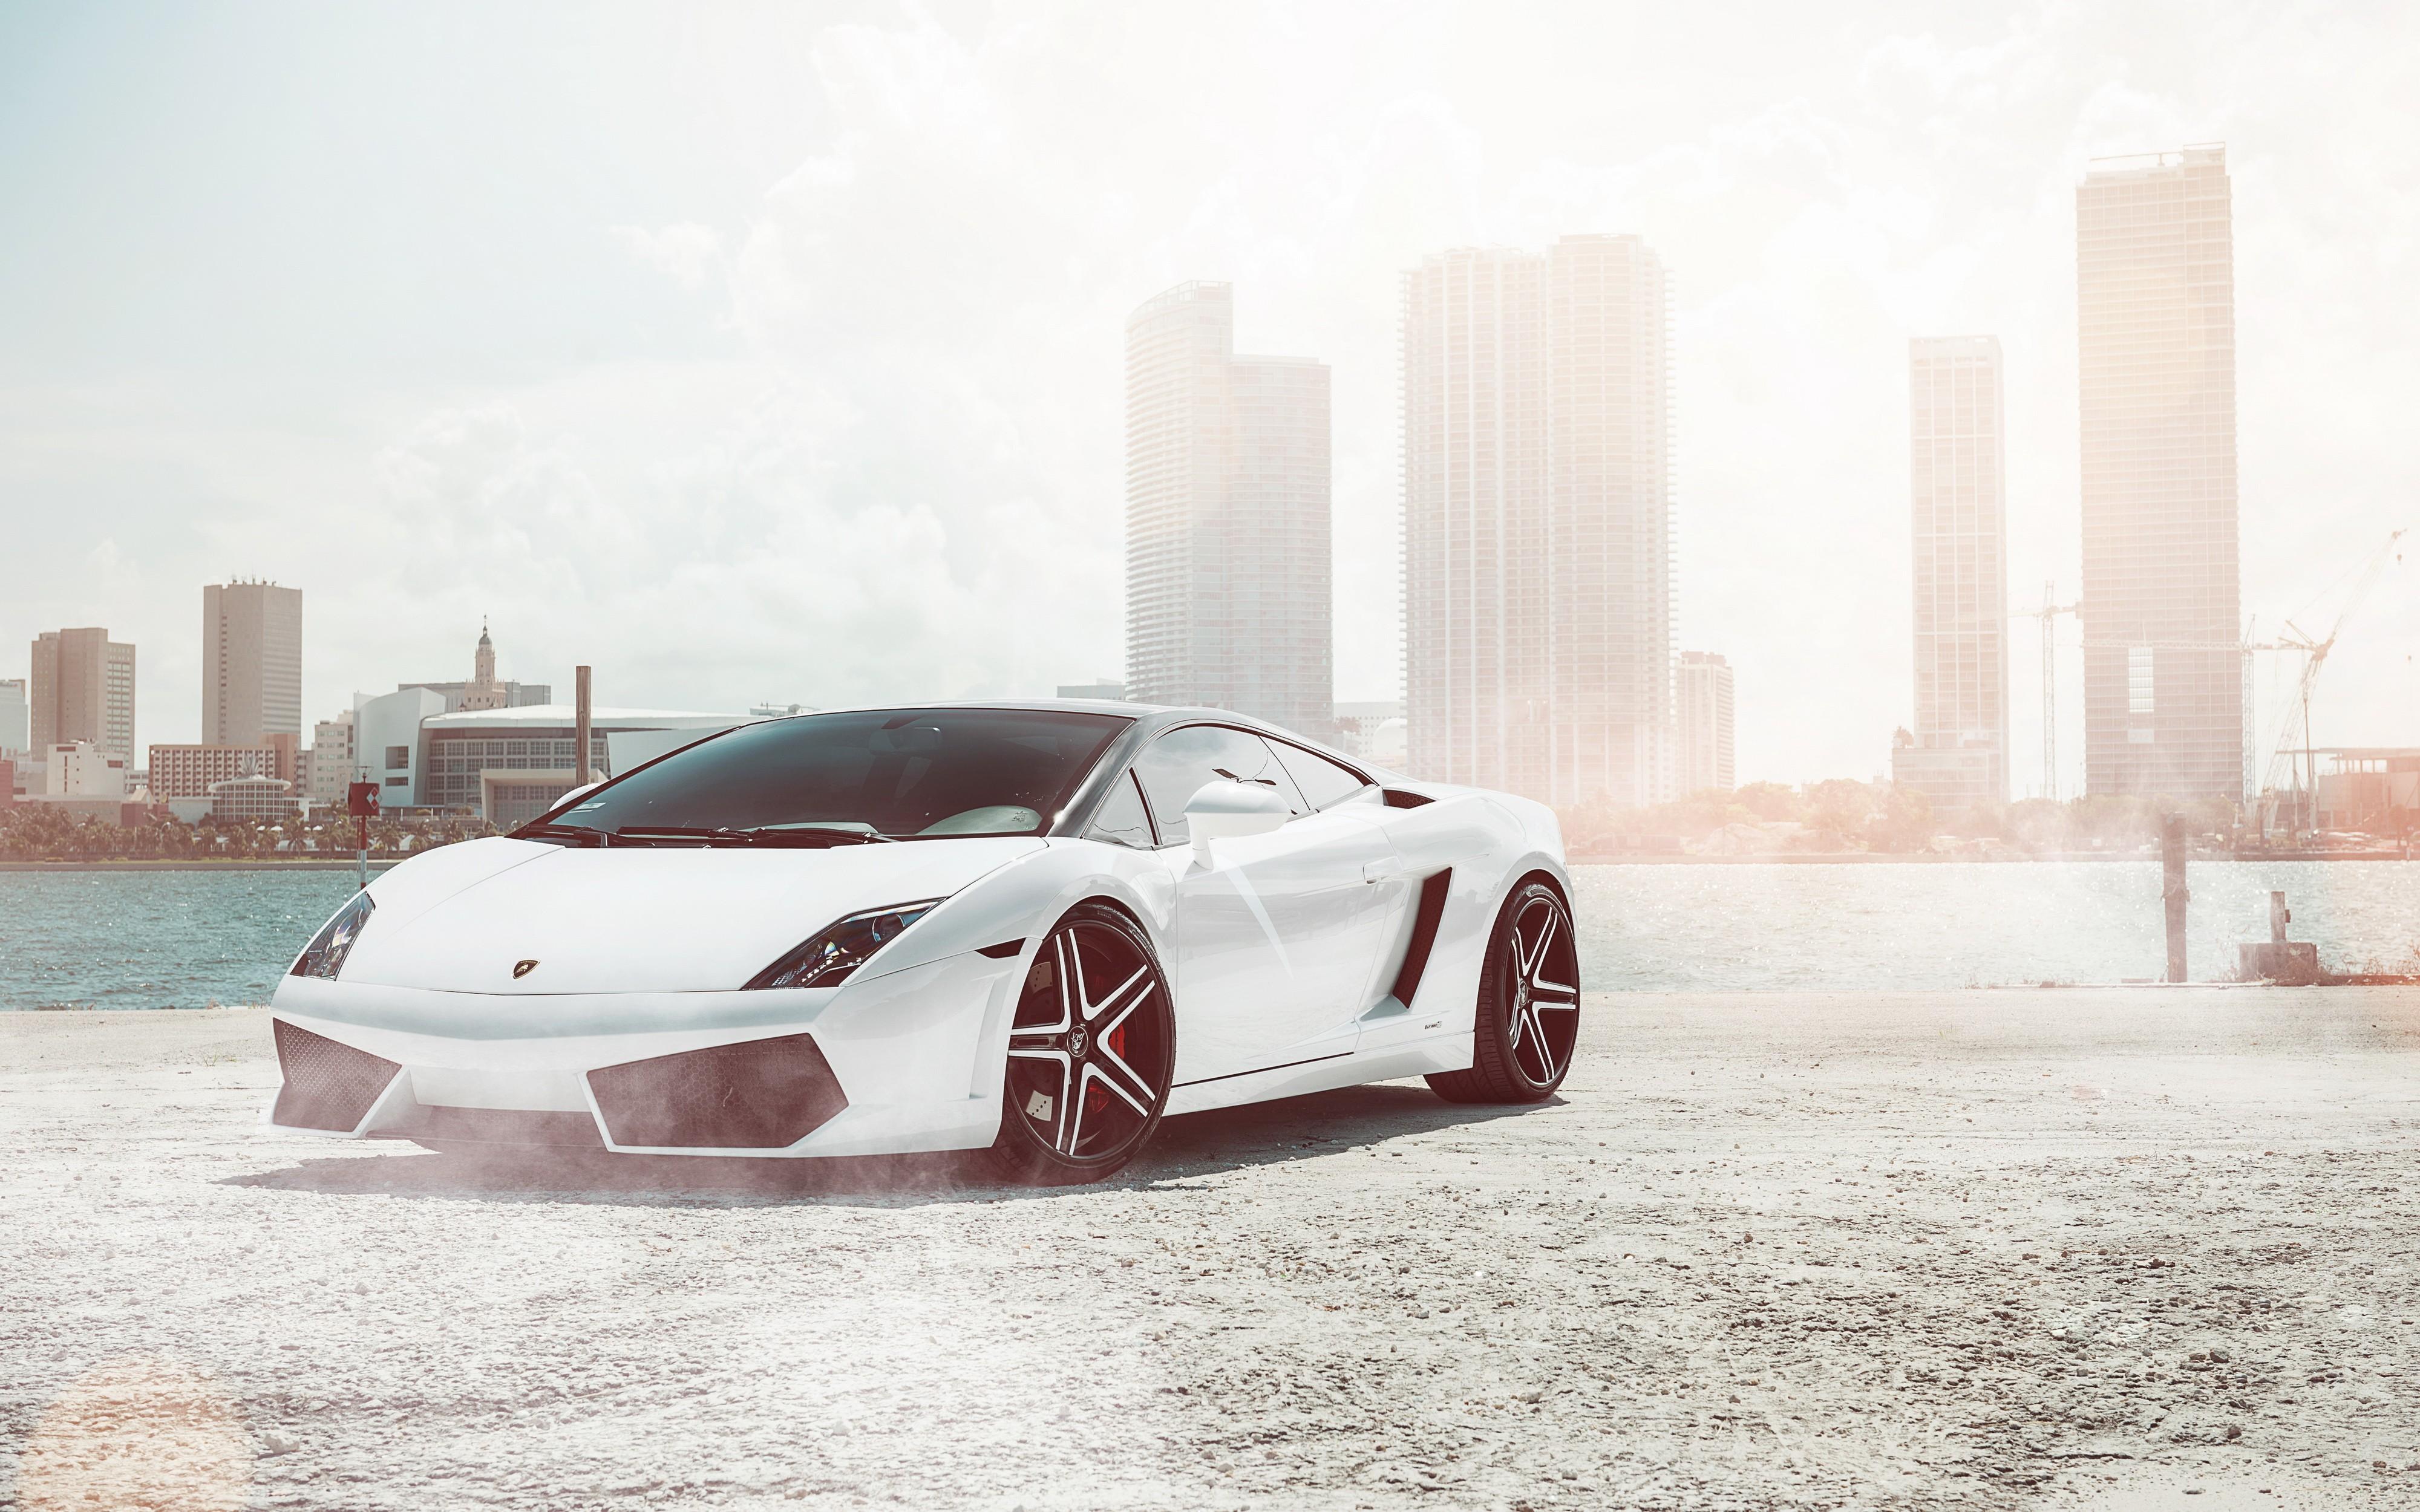 HD Wallpapers Lamborghini Gallardo Supercar